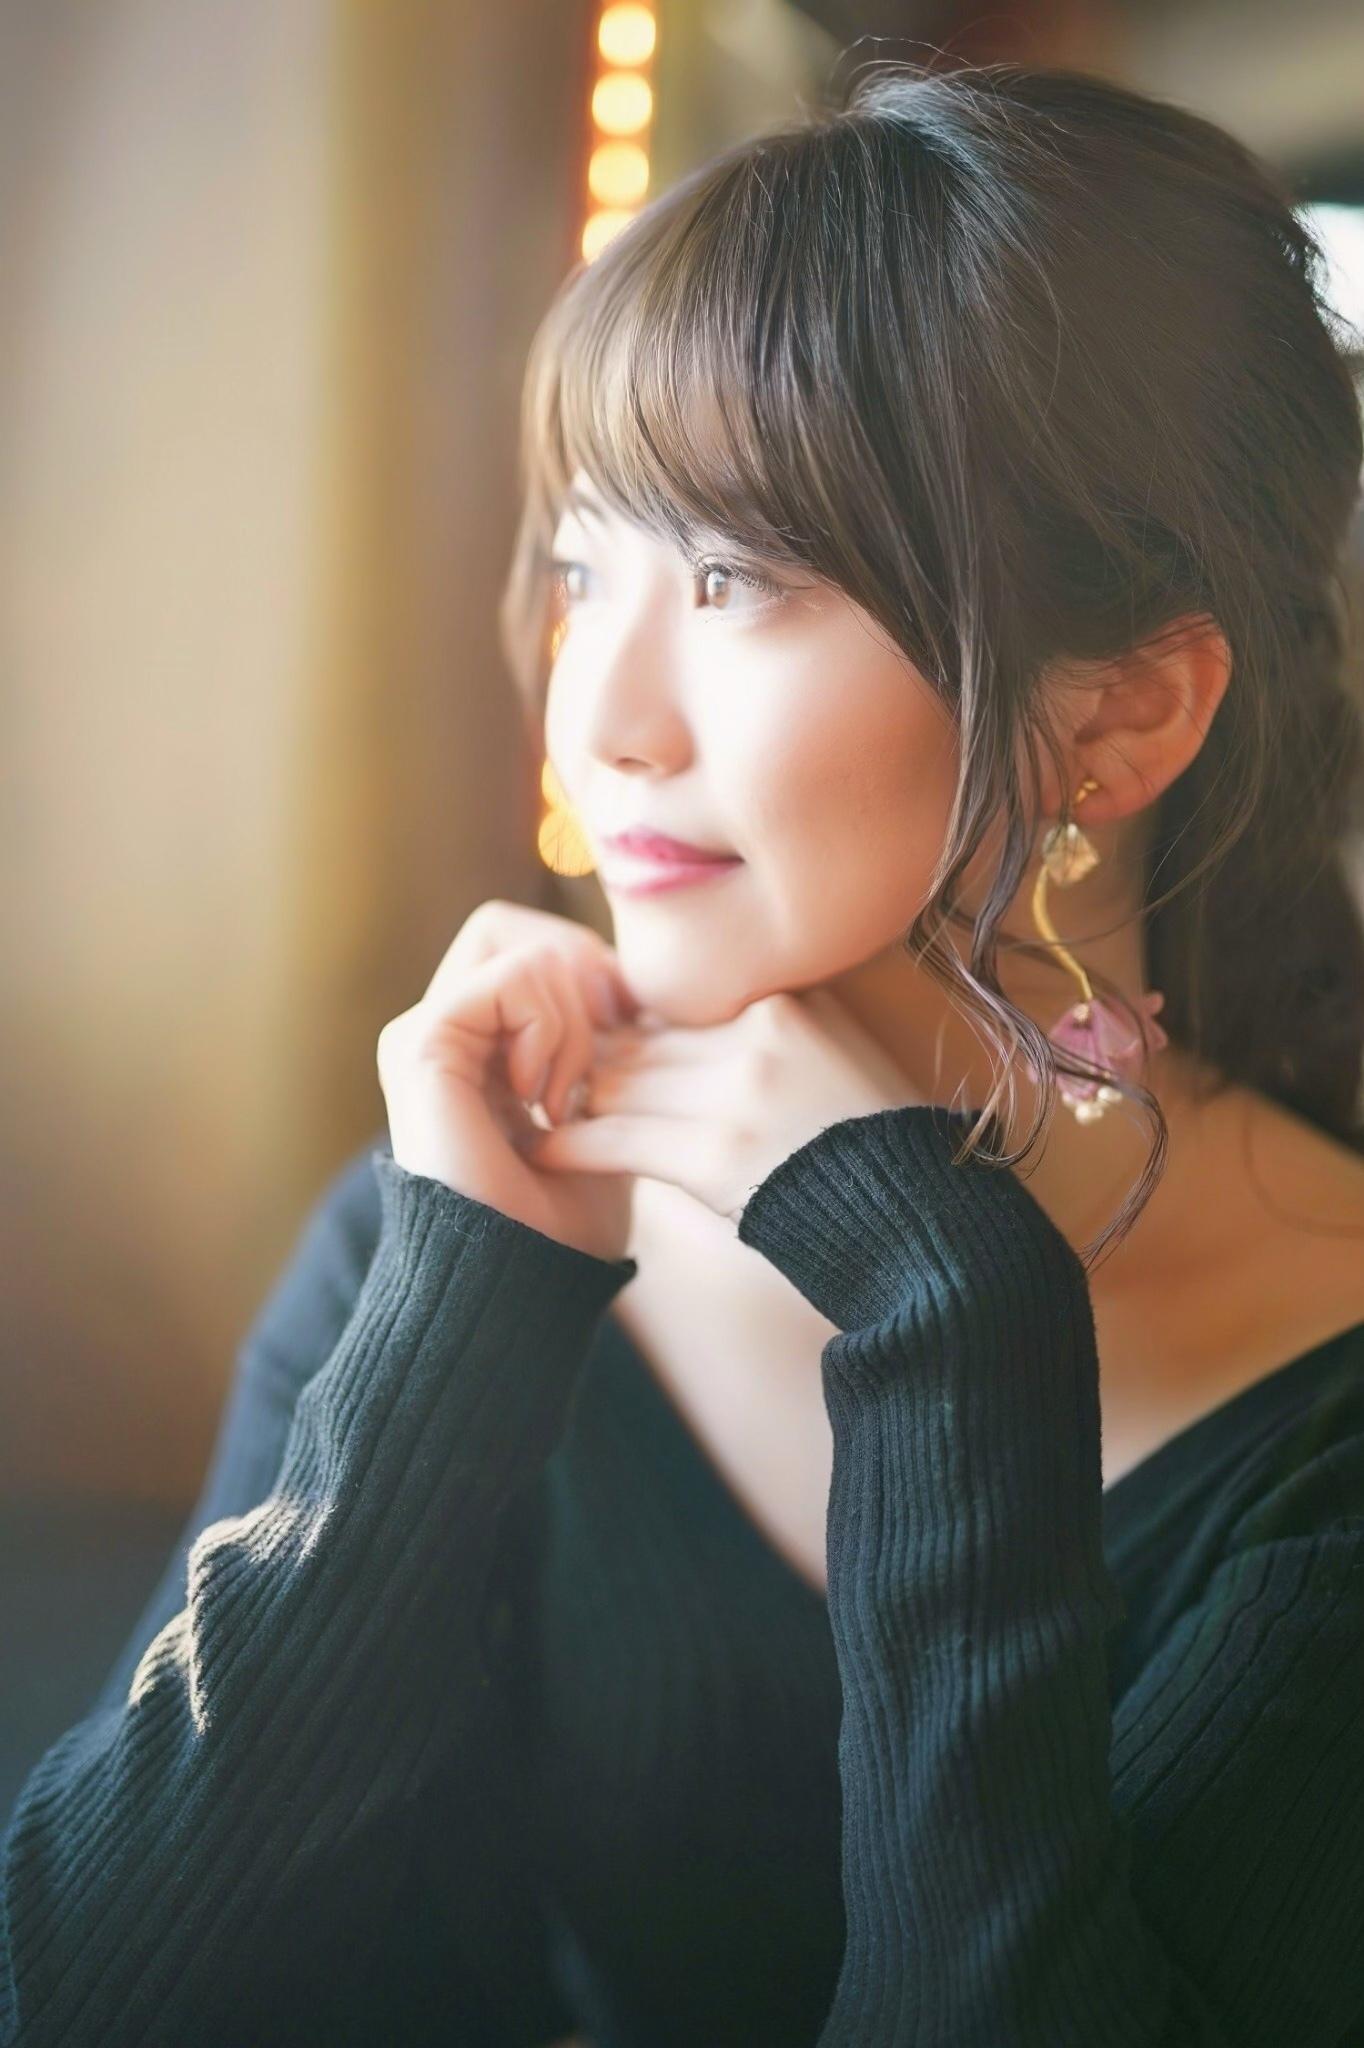 【入場無料!Dior展覧会】限定ポーチGET!限定コスメの発売も♡_1_7